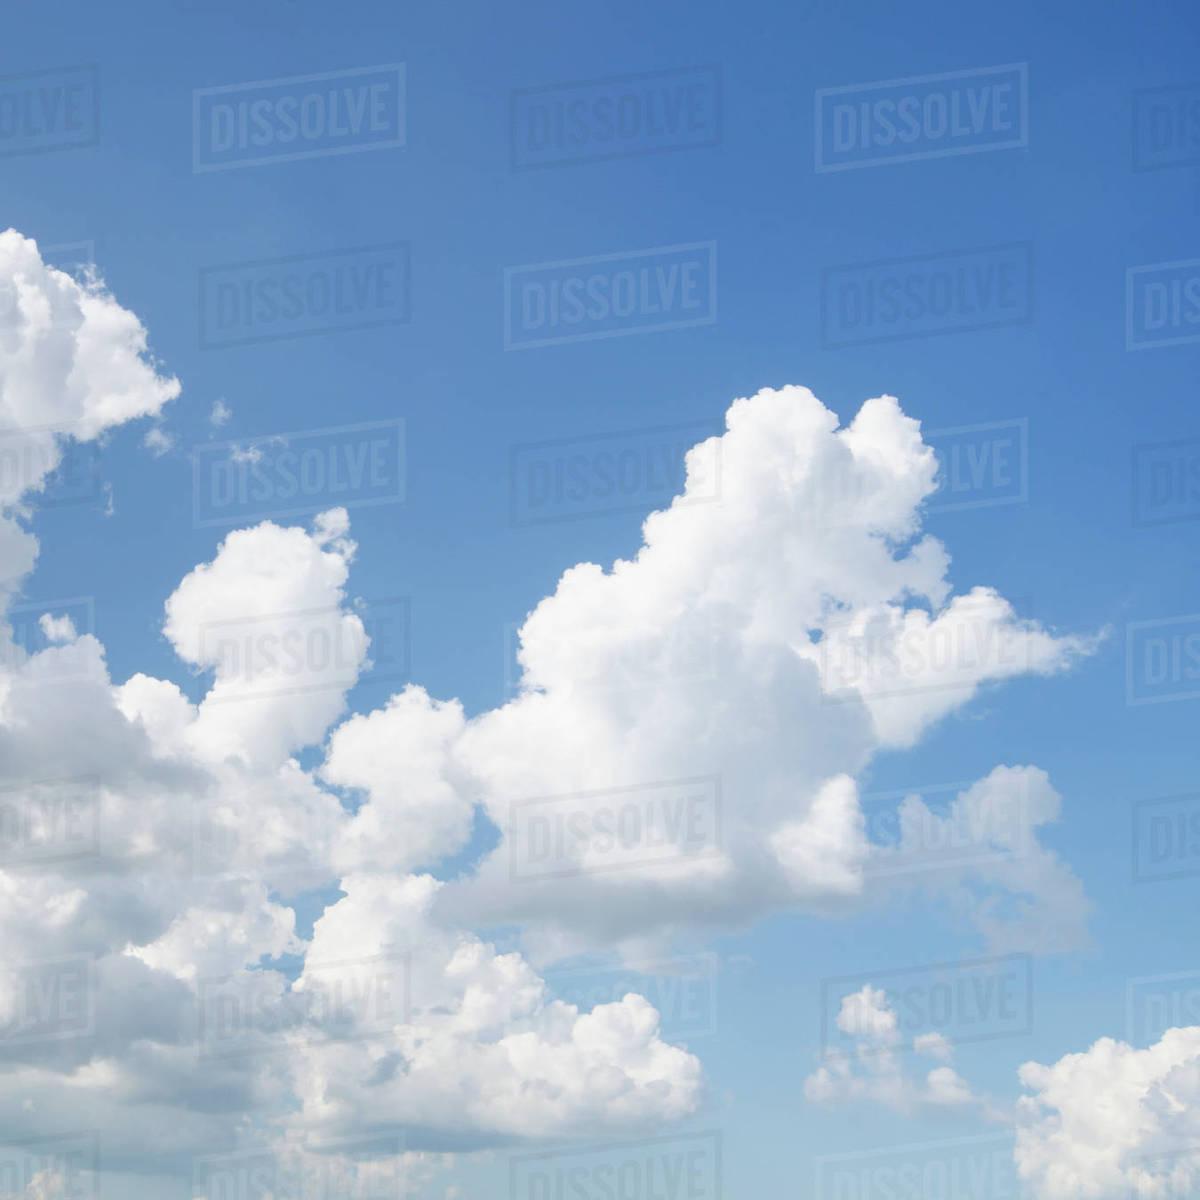 cumulus clouds in blue sky stock photo dissolve